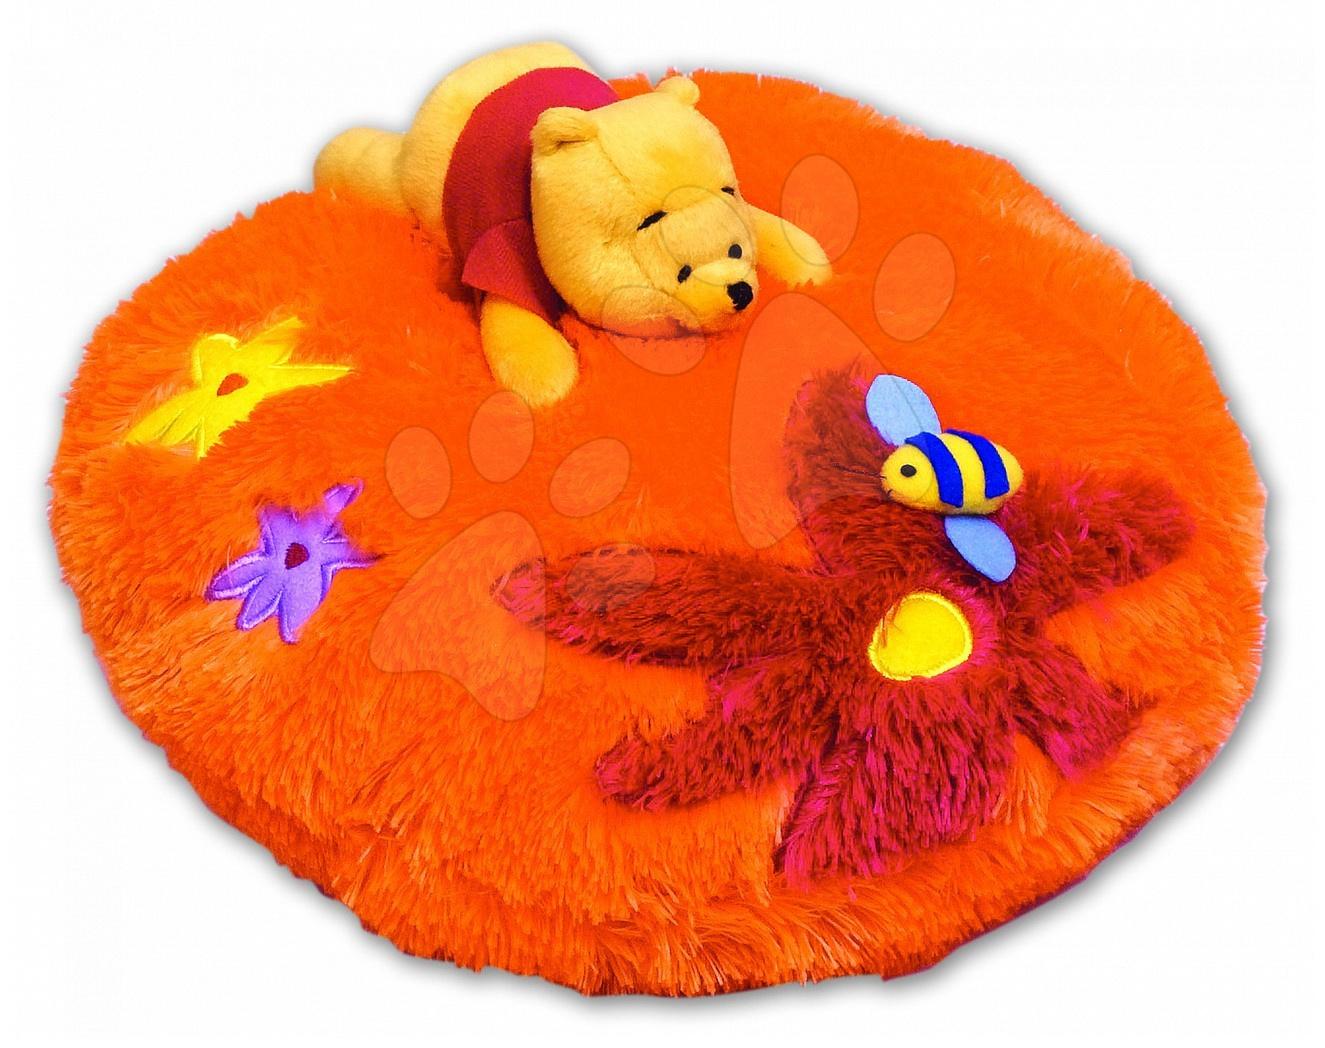 Plyšové polštáře - Polštář Medvídek Pooh Ilanit 36 cm